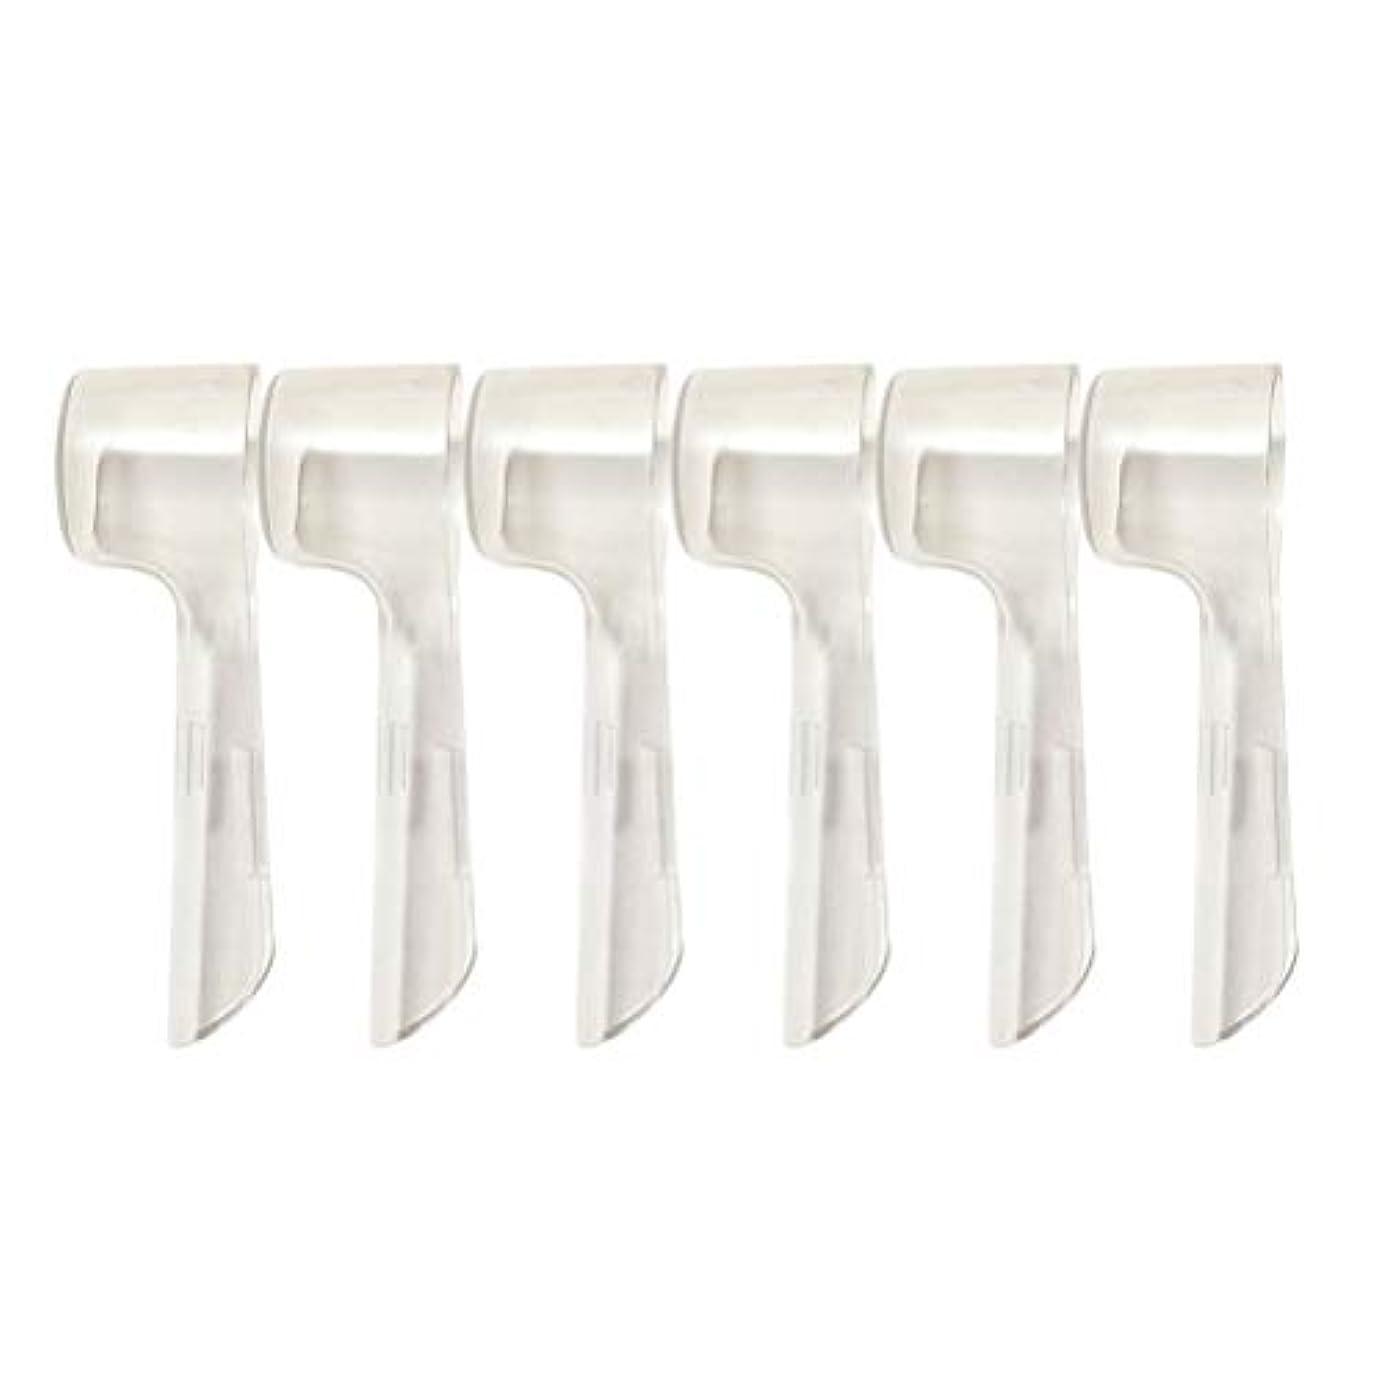 共役ユダヤ人テープHealifty 電動歯ブラシヘッド 保護カバー 旅行 キャップ 日常の使用で細菌をほこりから守る 10ピース